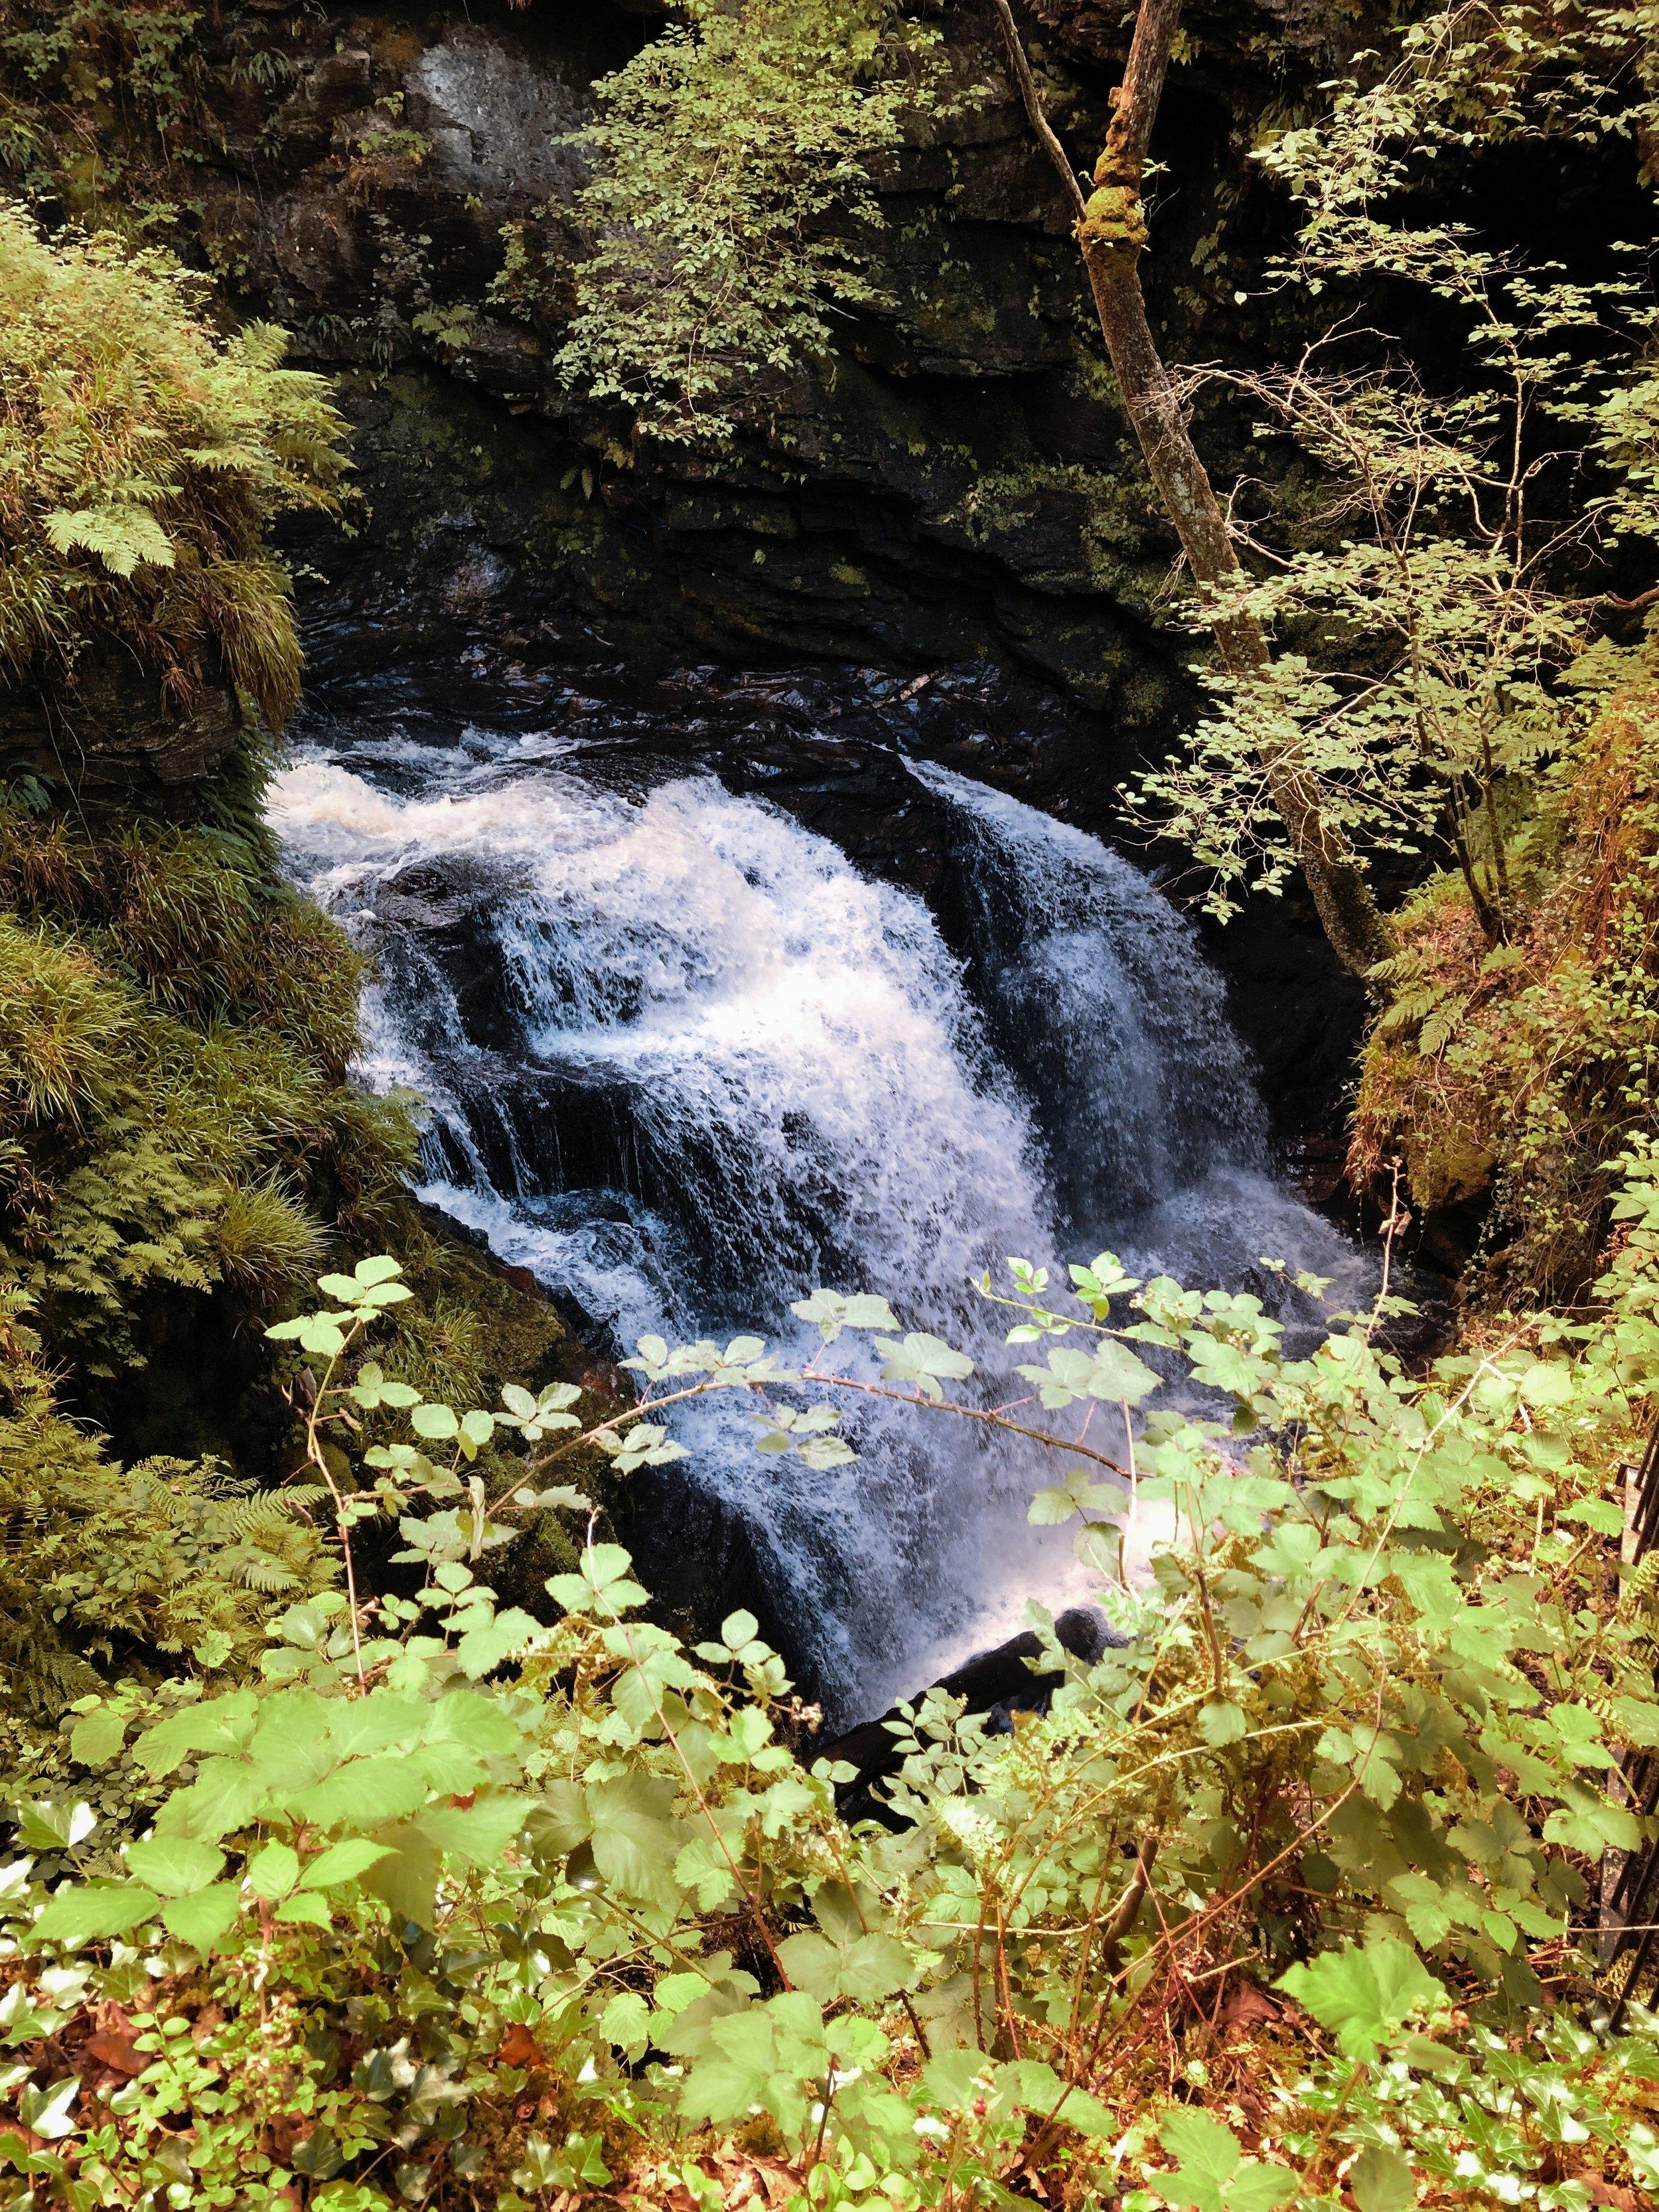 The Cynfall Falls